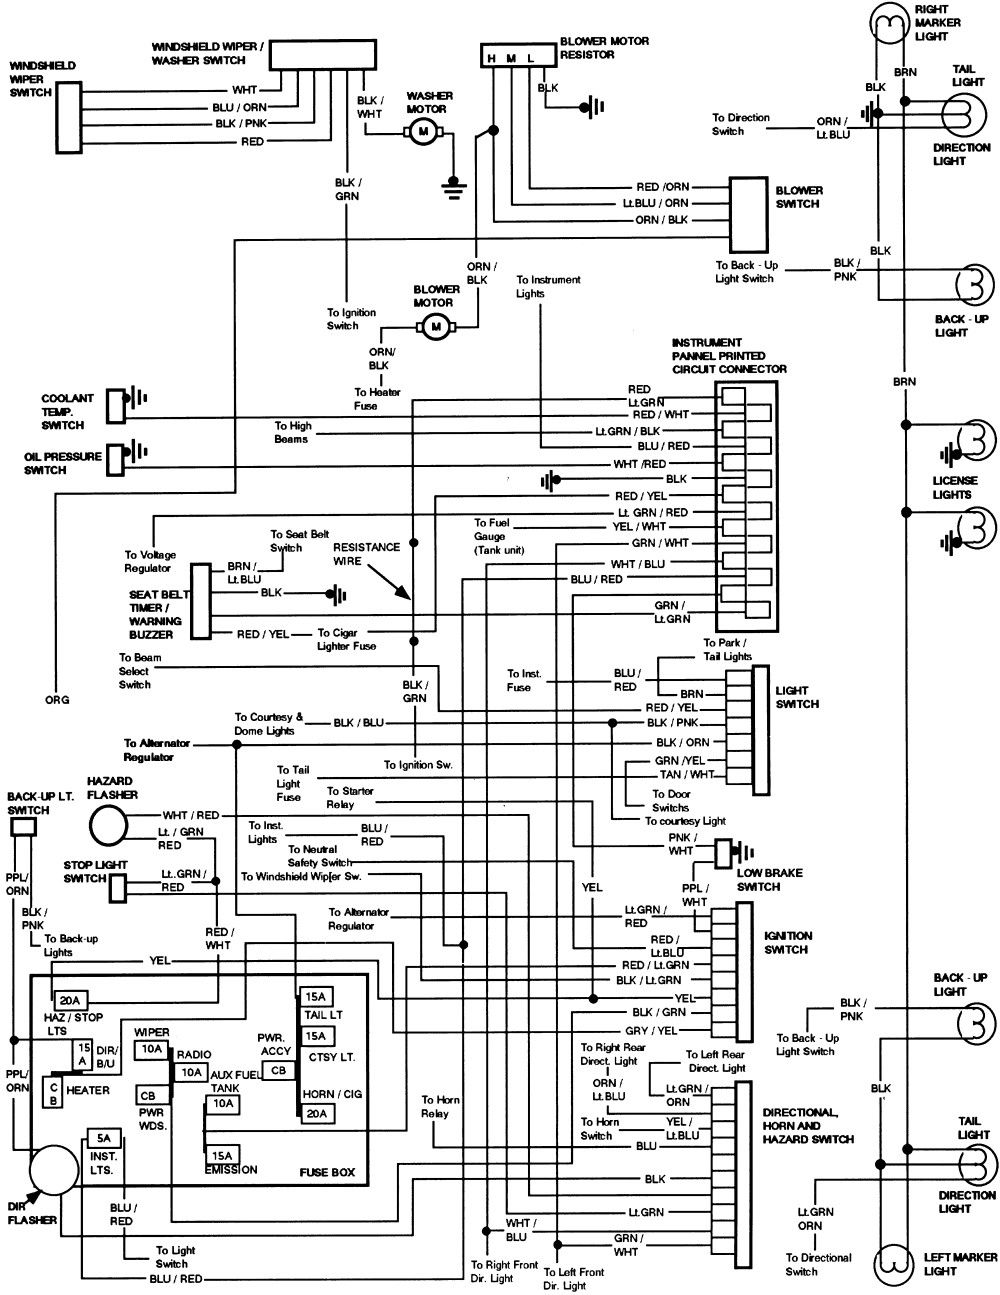 93 Ford F 250 Wiring Diagram